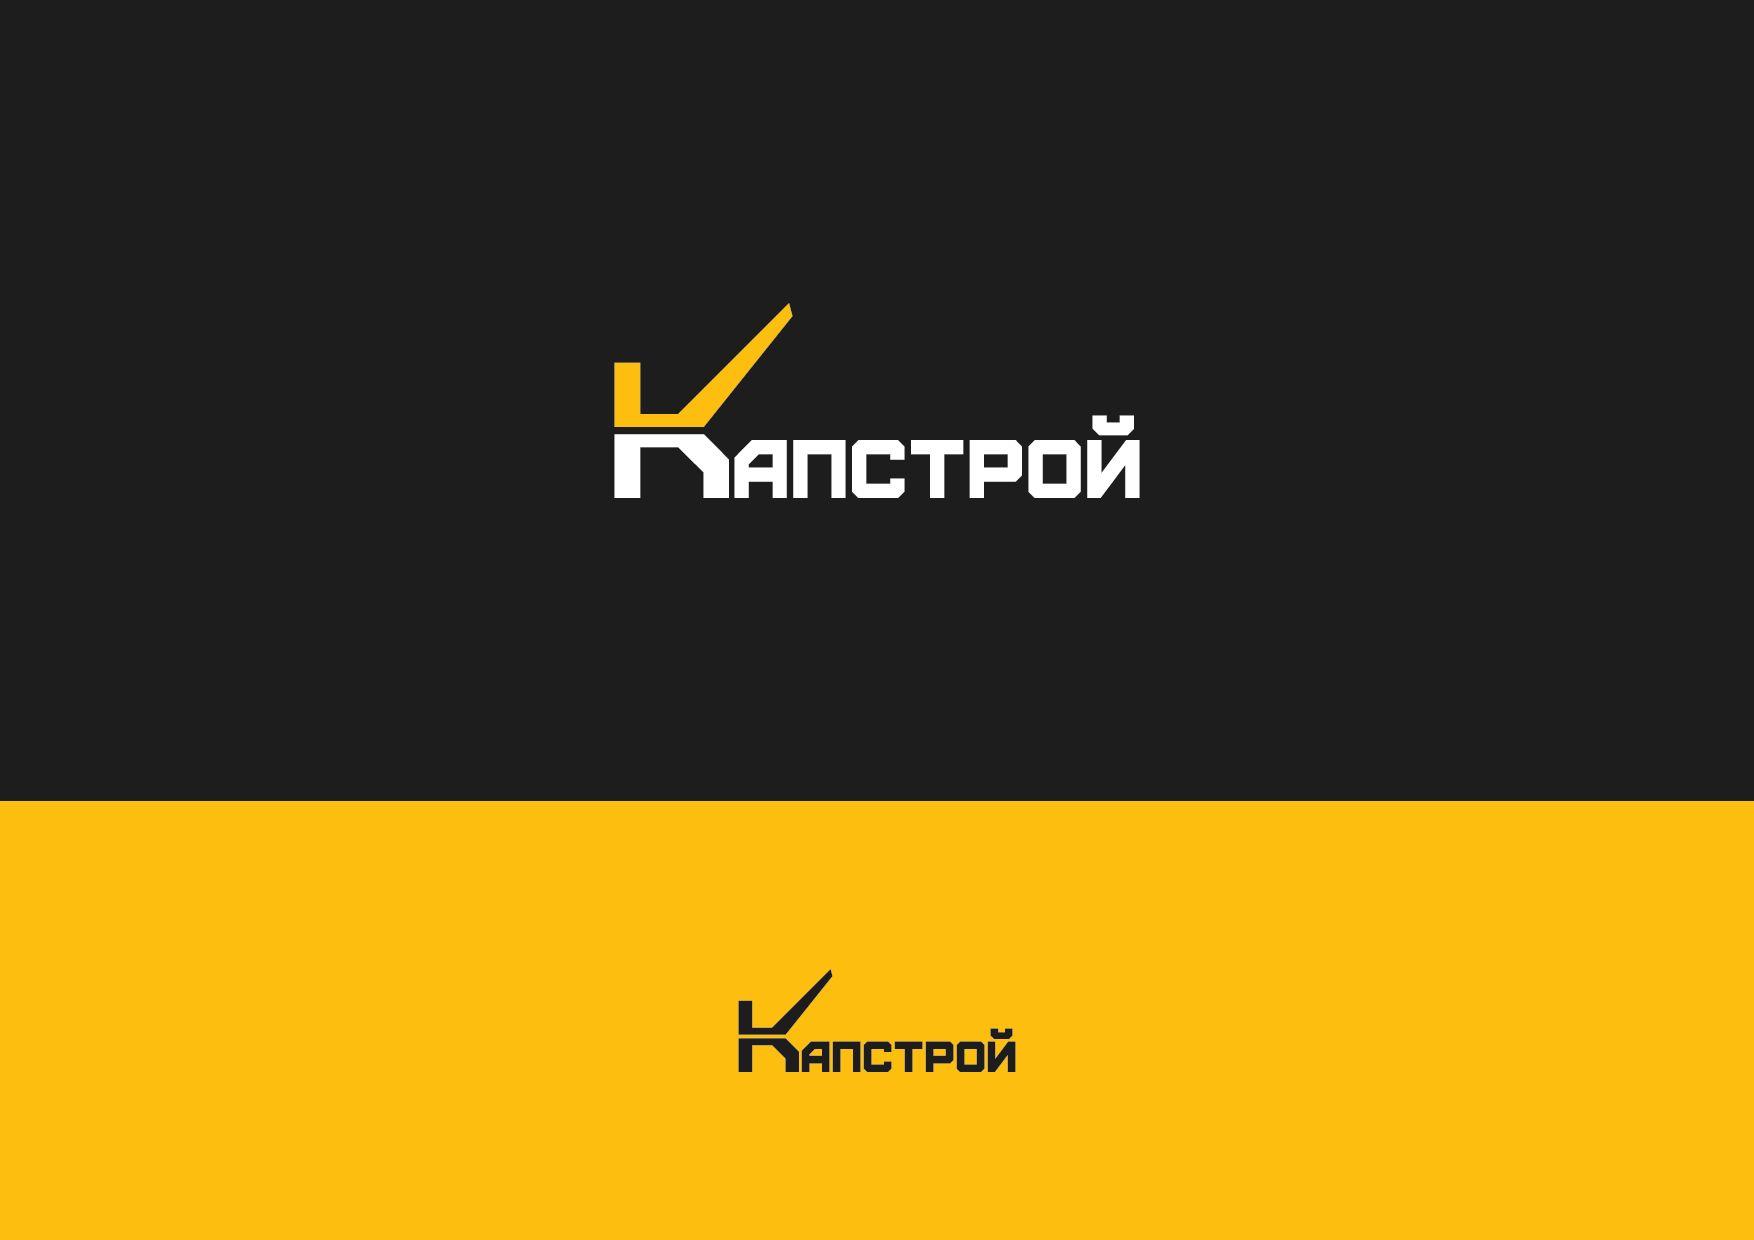 Лого и фирменный стиль для Капстрой  - дизайнер nshalaev